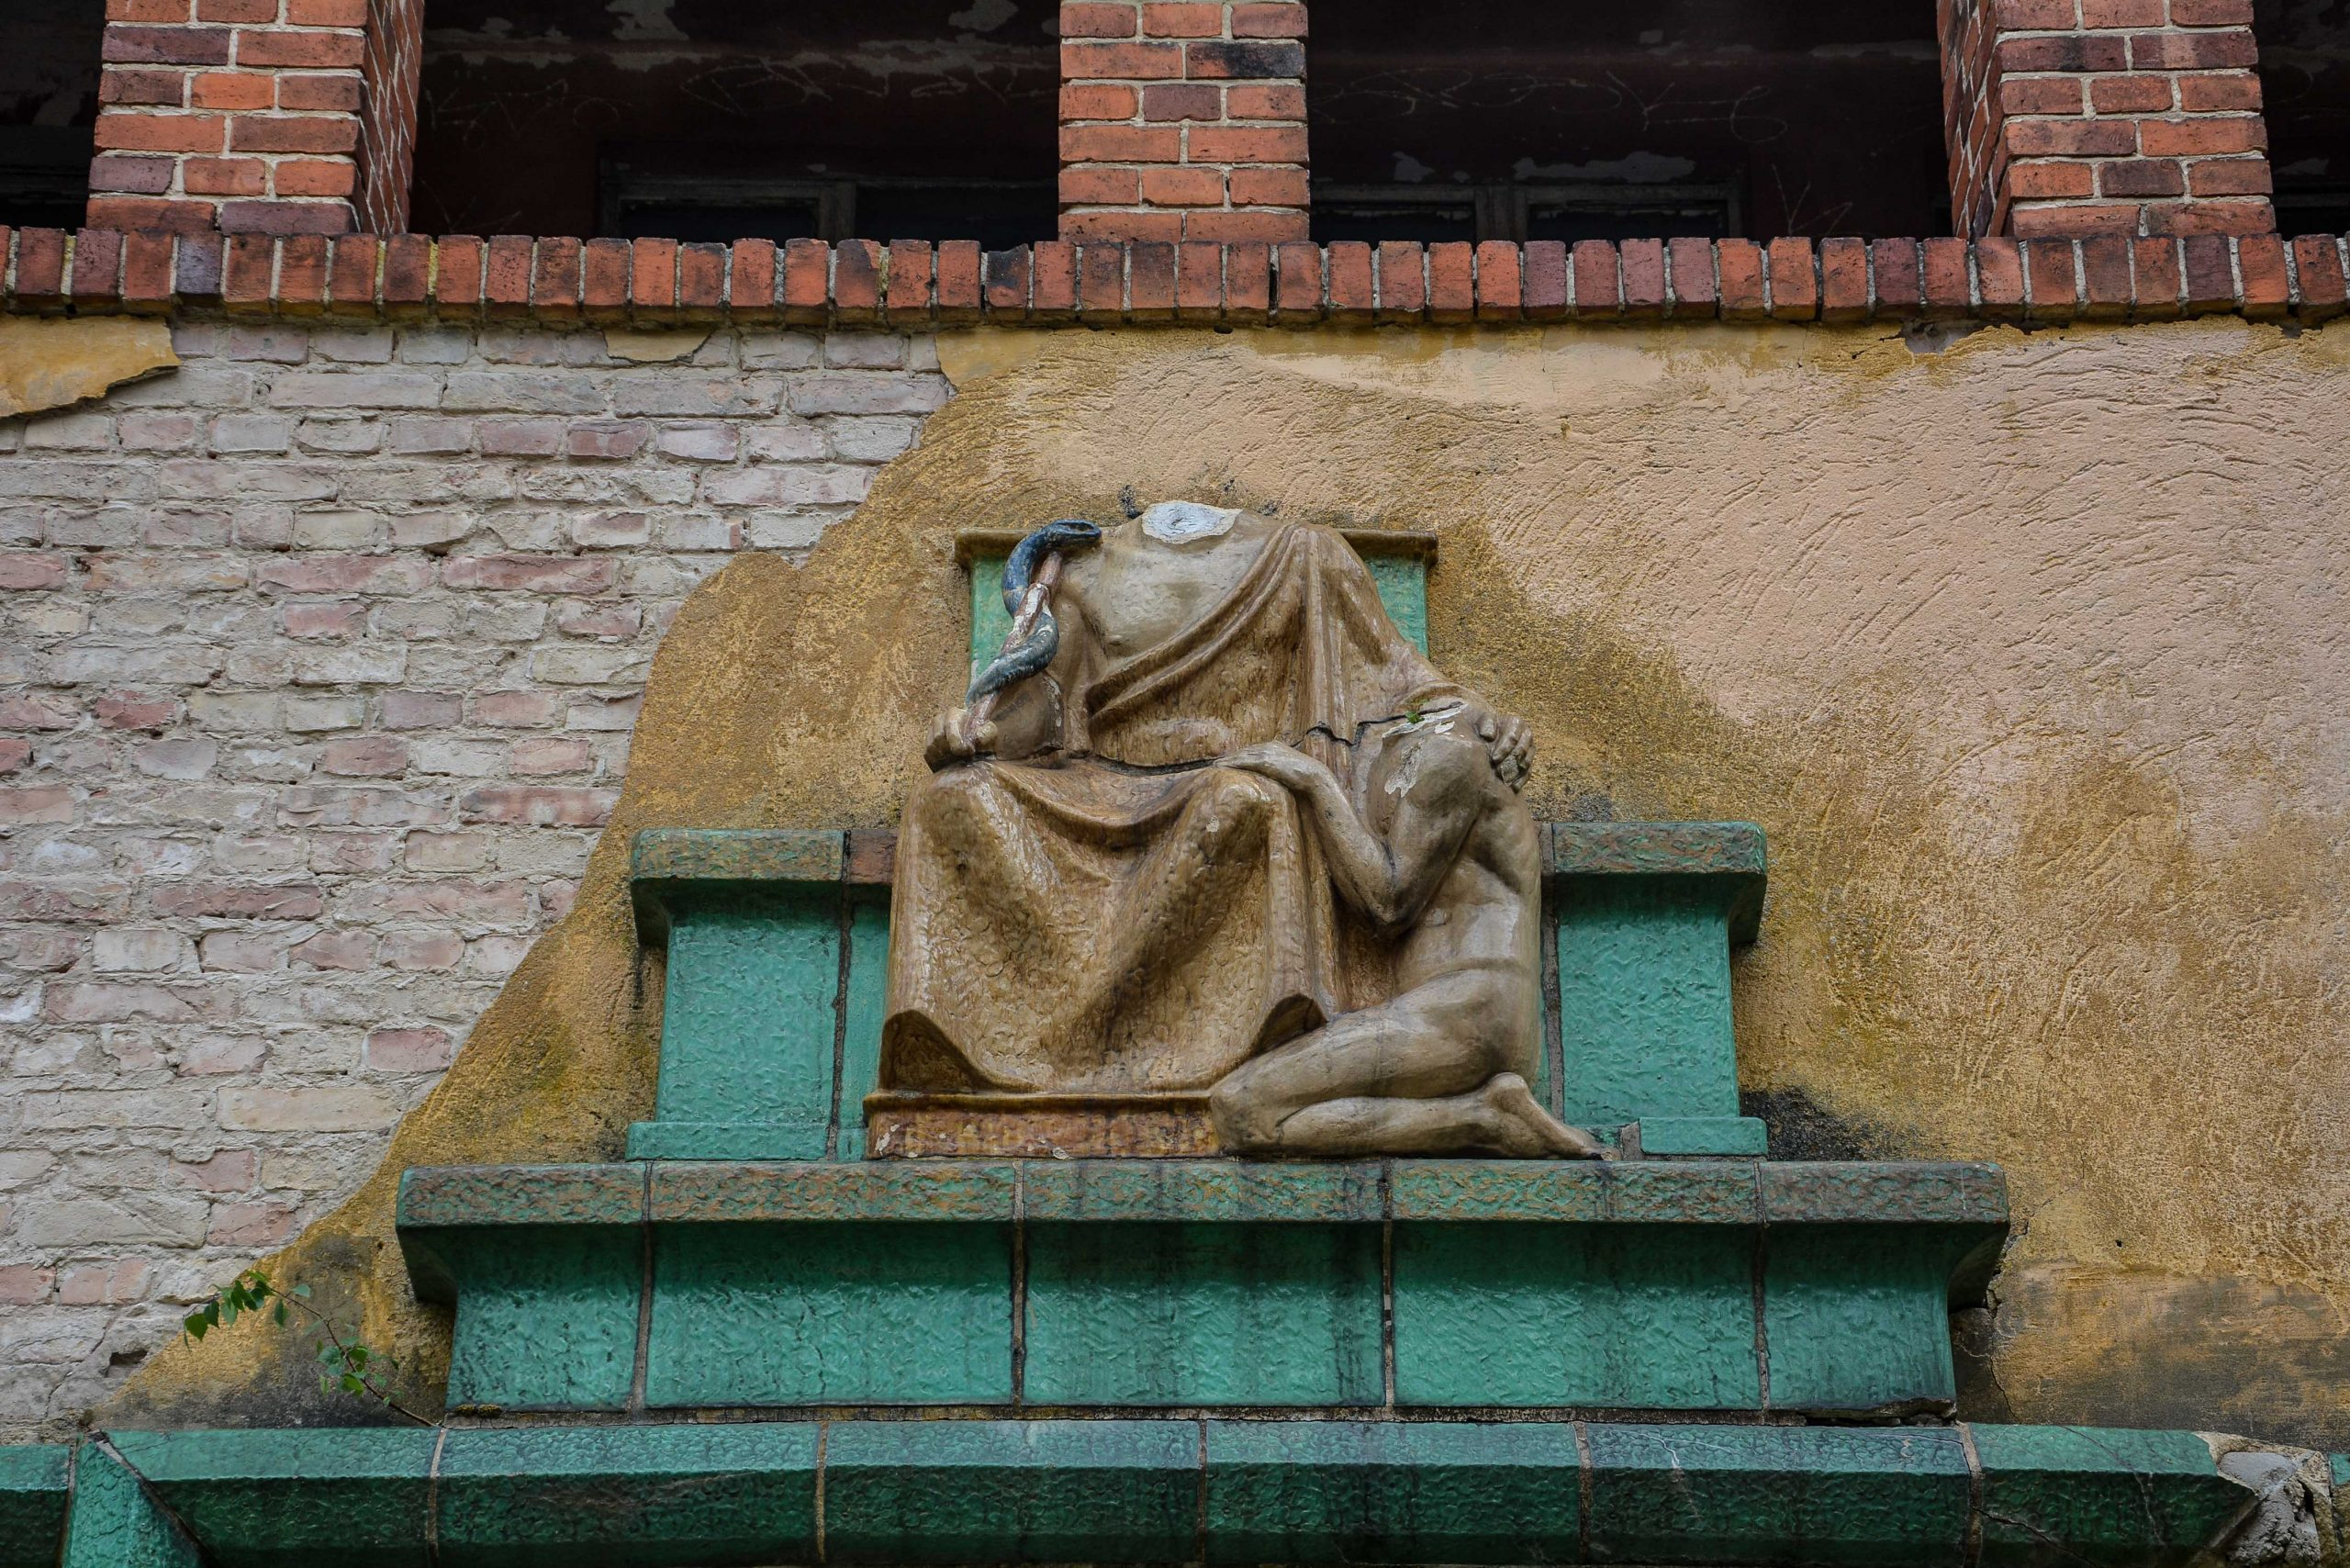 hypocrates statue tuberkulose heilstaette grabowsee sanatorium hospital oranienburg lost places abandoned urbex brandenburg germany deutschland